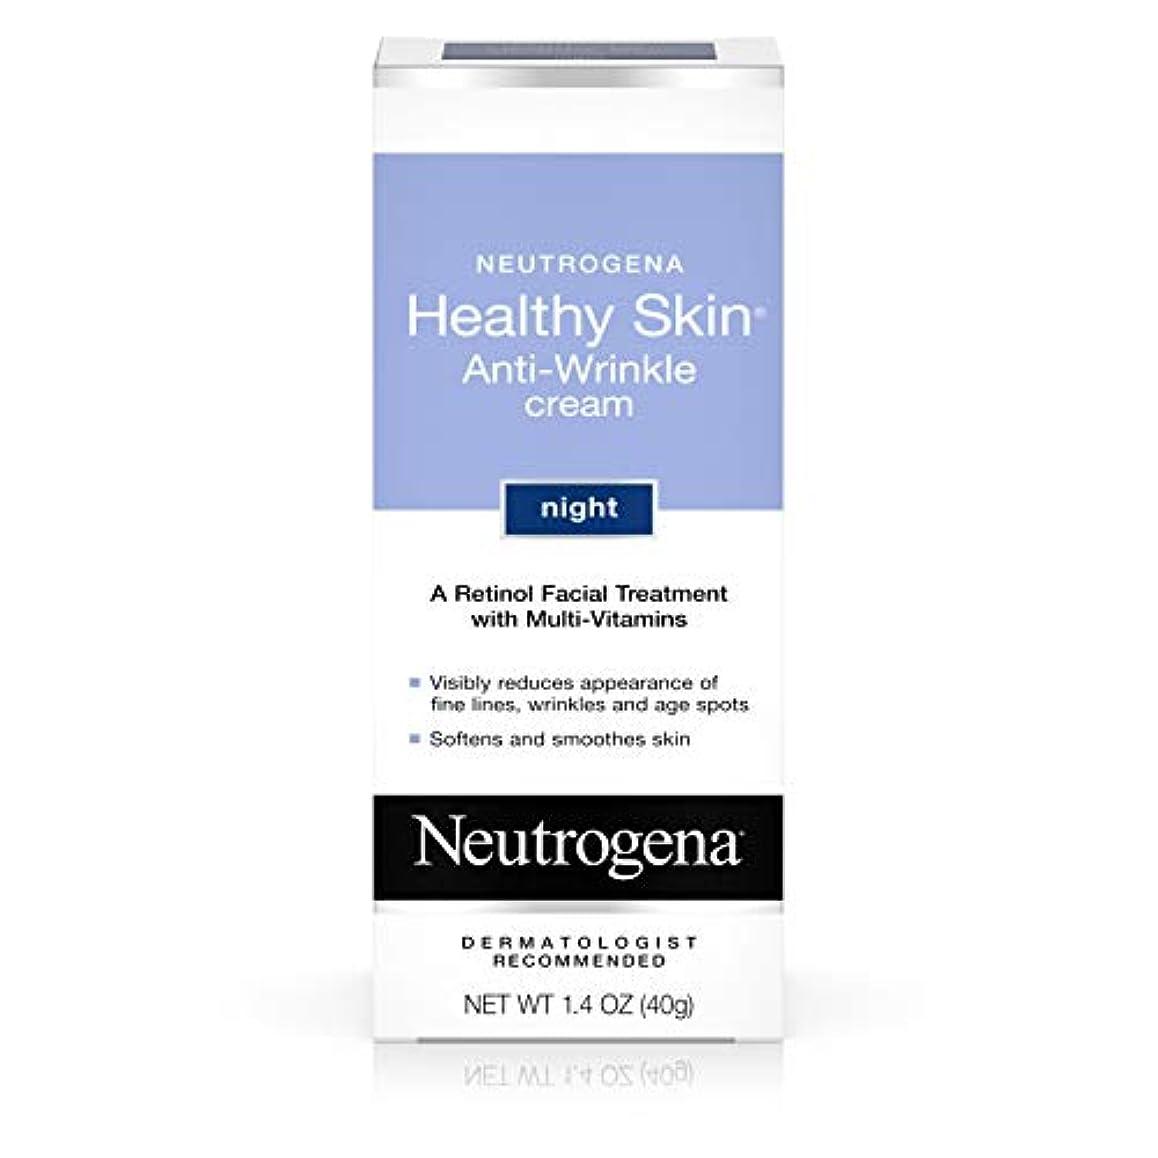 鏡すずめスペイン語Neutrogena healthy skin anti wrinkle cream, original formula - 1.4 oz (並行輸入品)